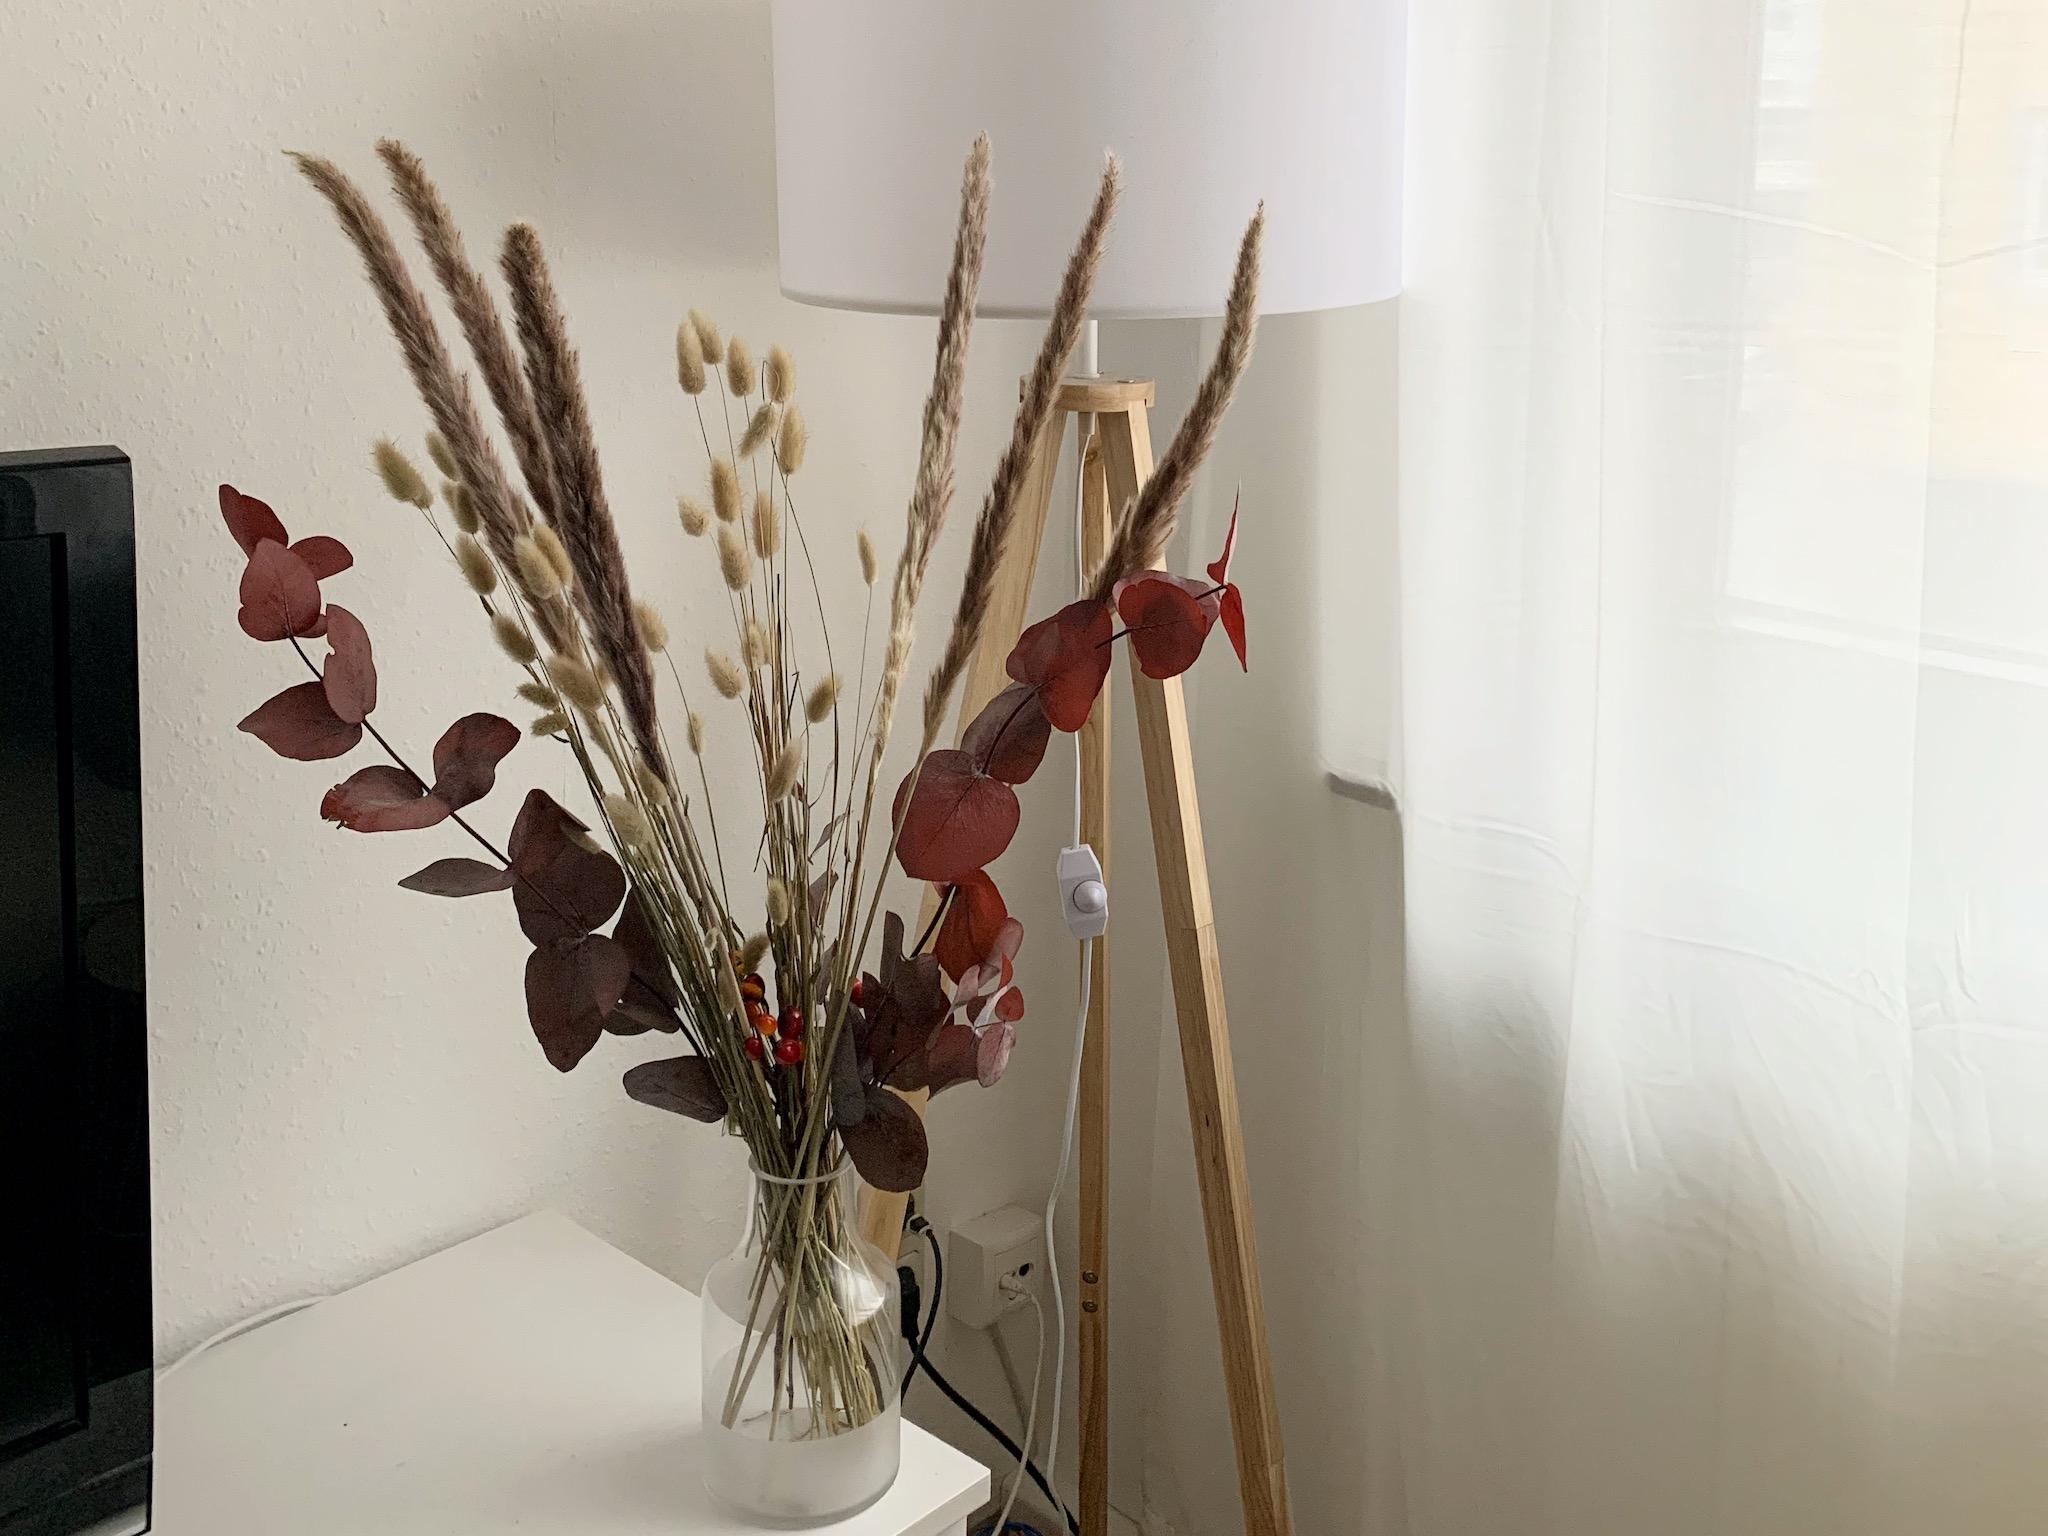 Trockenblumen machen sich aufgrund ihrer Höhe nicht nur super auf Tischen und Kommoden, sondern auch auf dem Boden. Foto: Lilli Müller